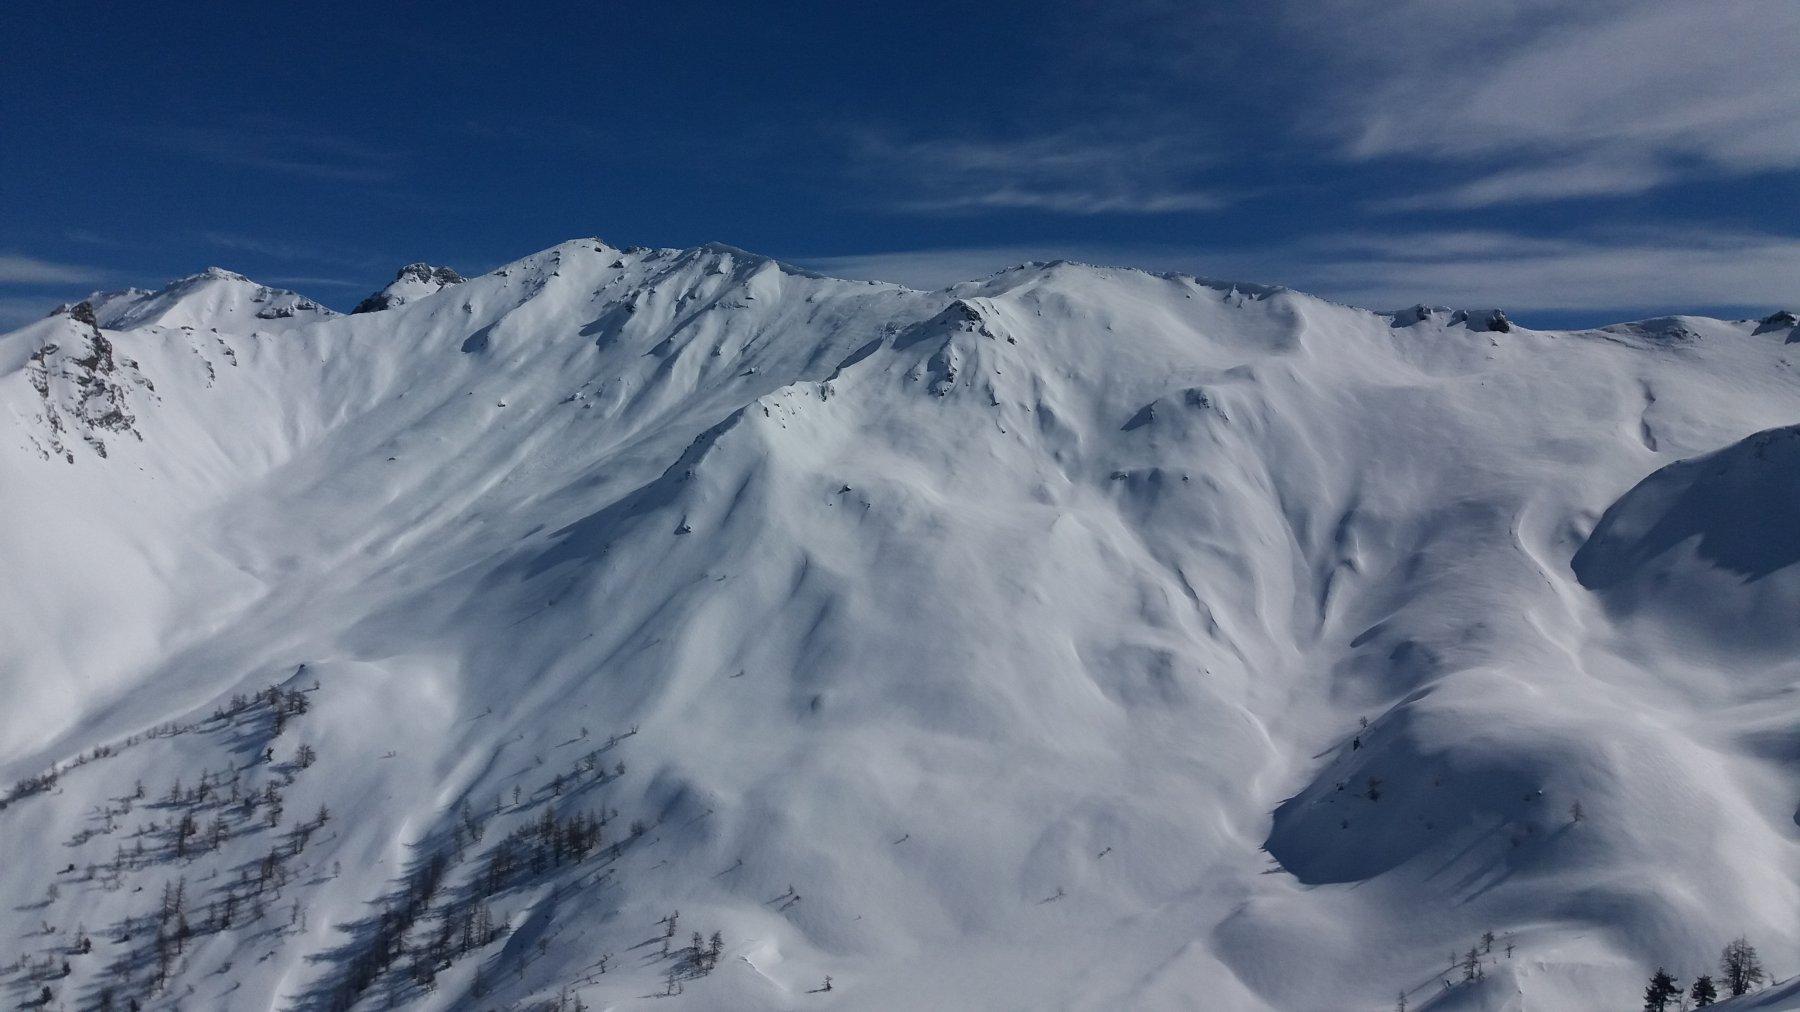 Pendii carichi di neve